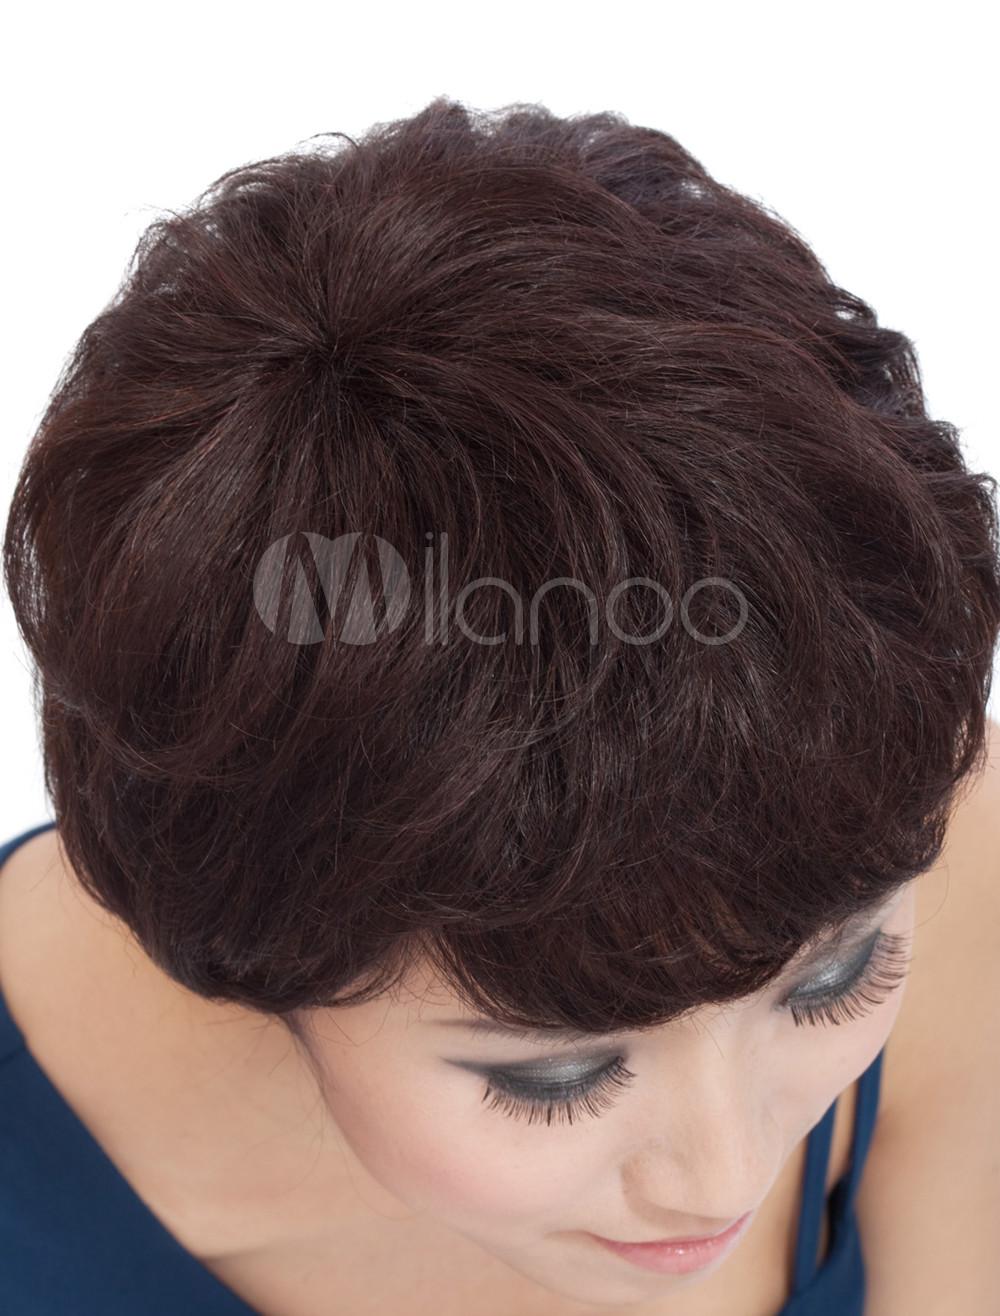 Human Hair Jumper 92